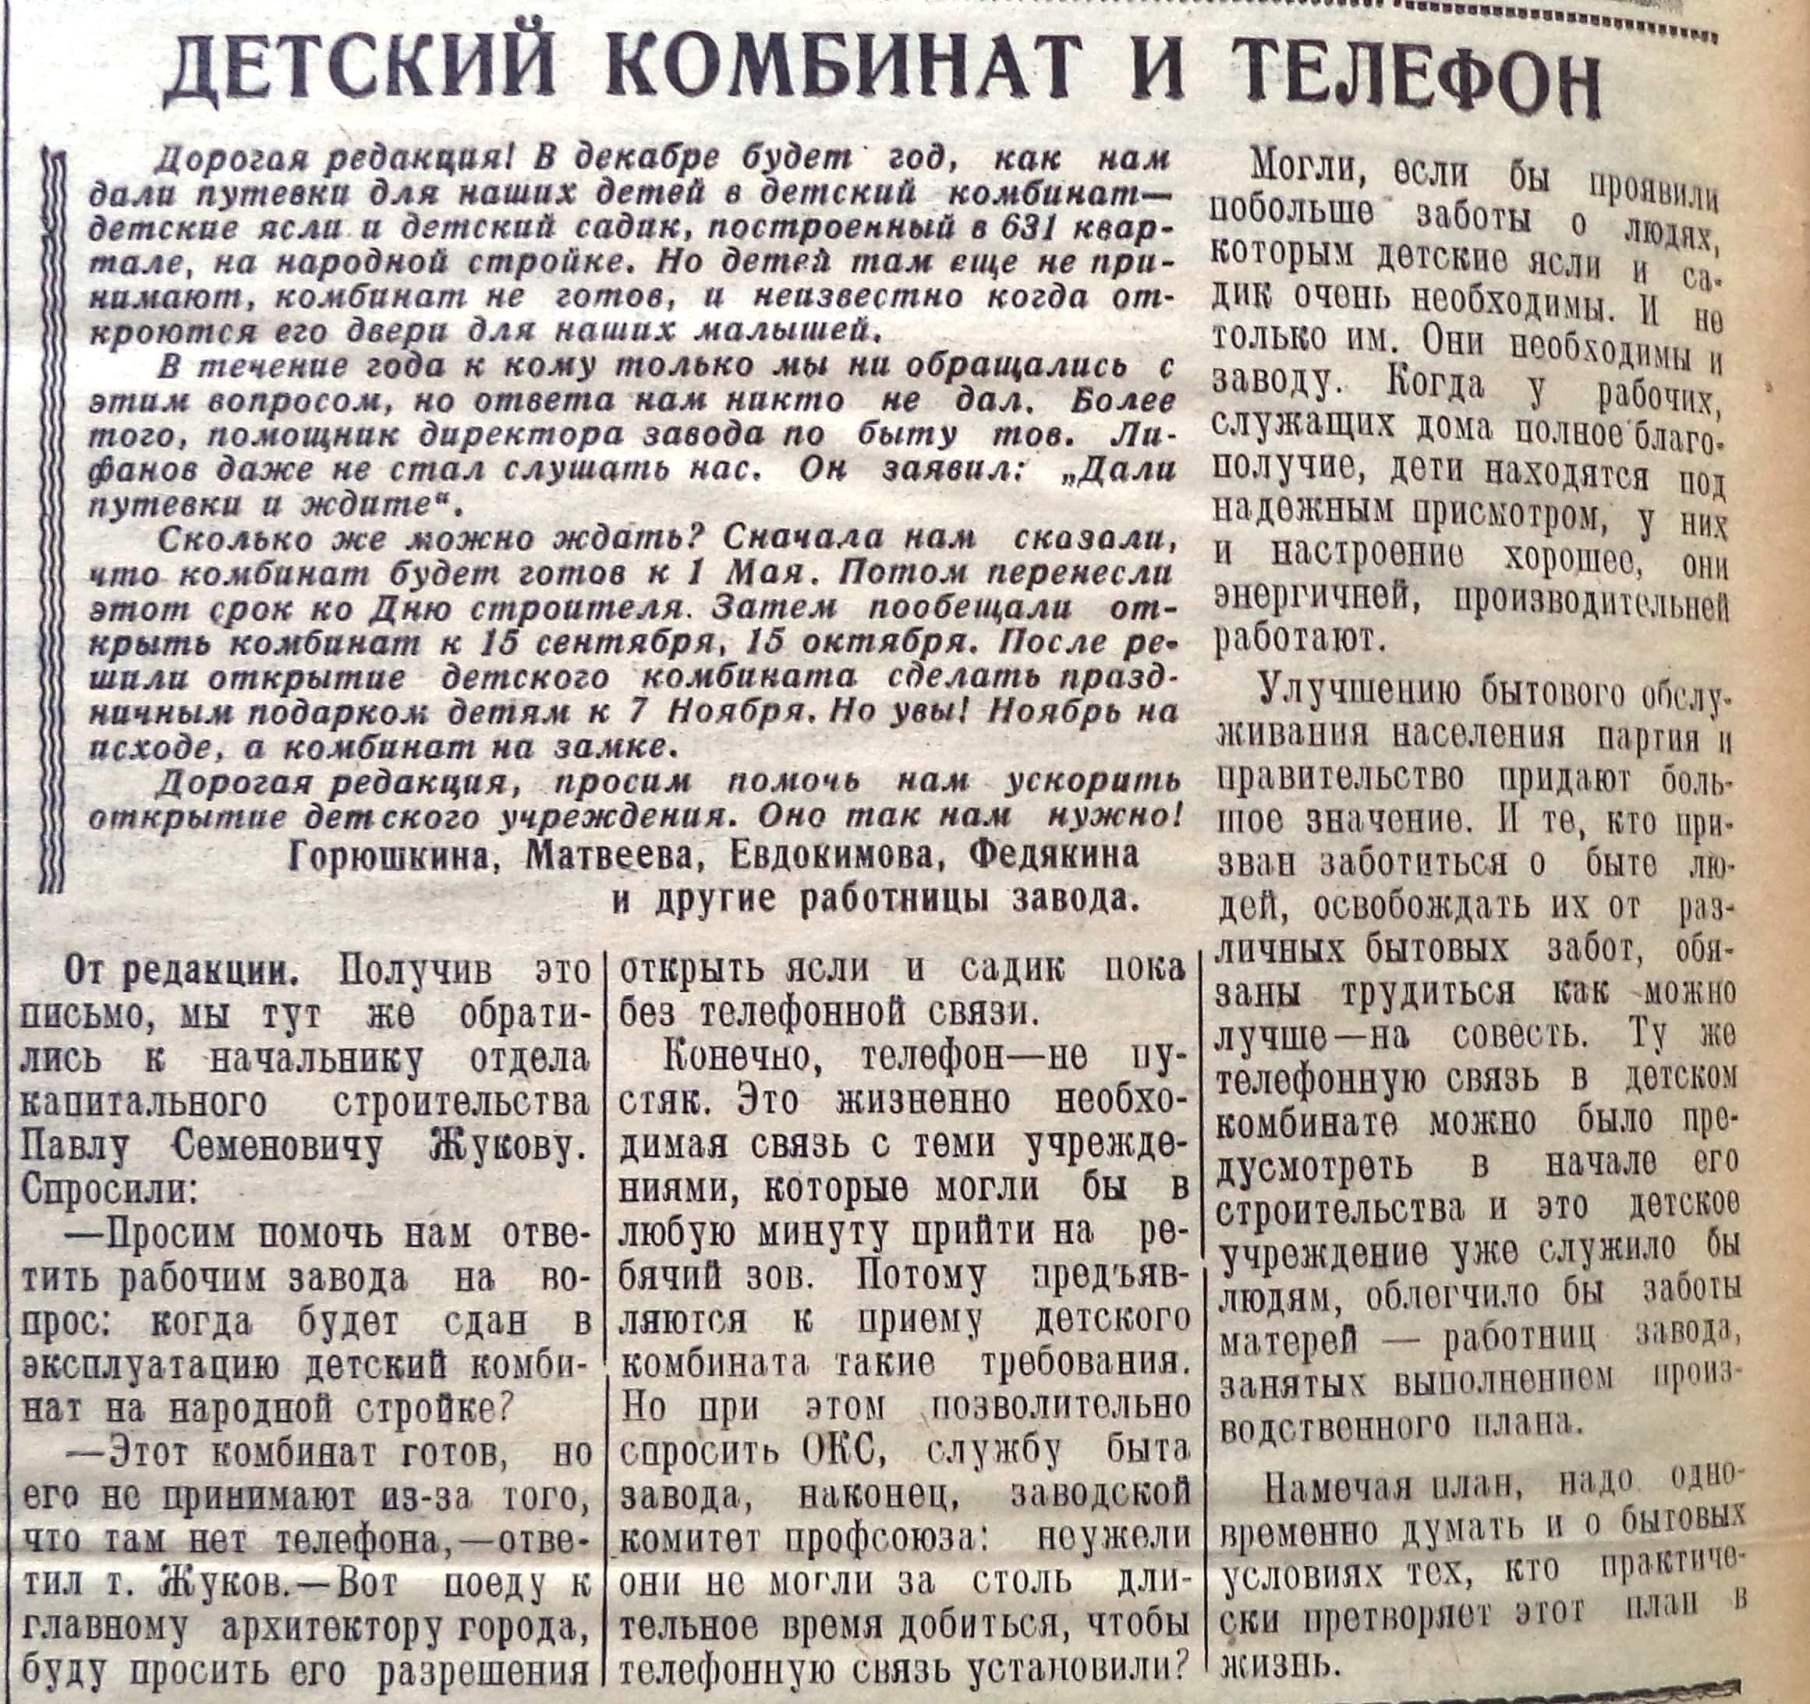 Ставропольская-ФОТО-86-Ленинское Знамя-1964-20 ноября-min